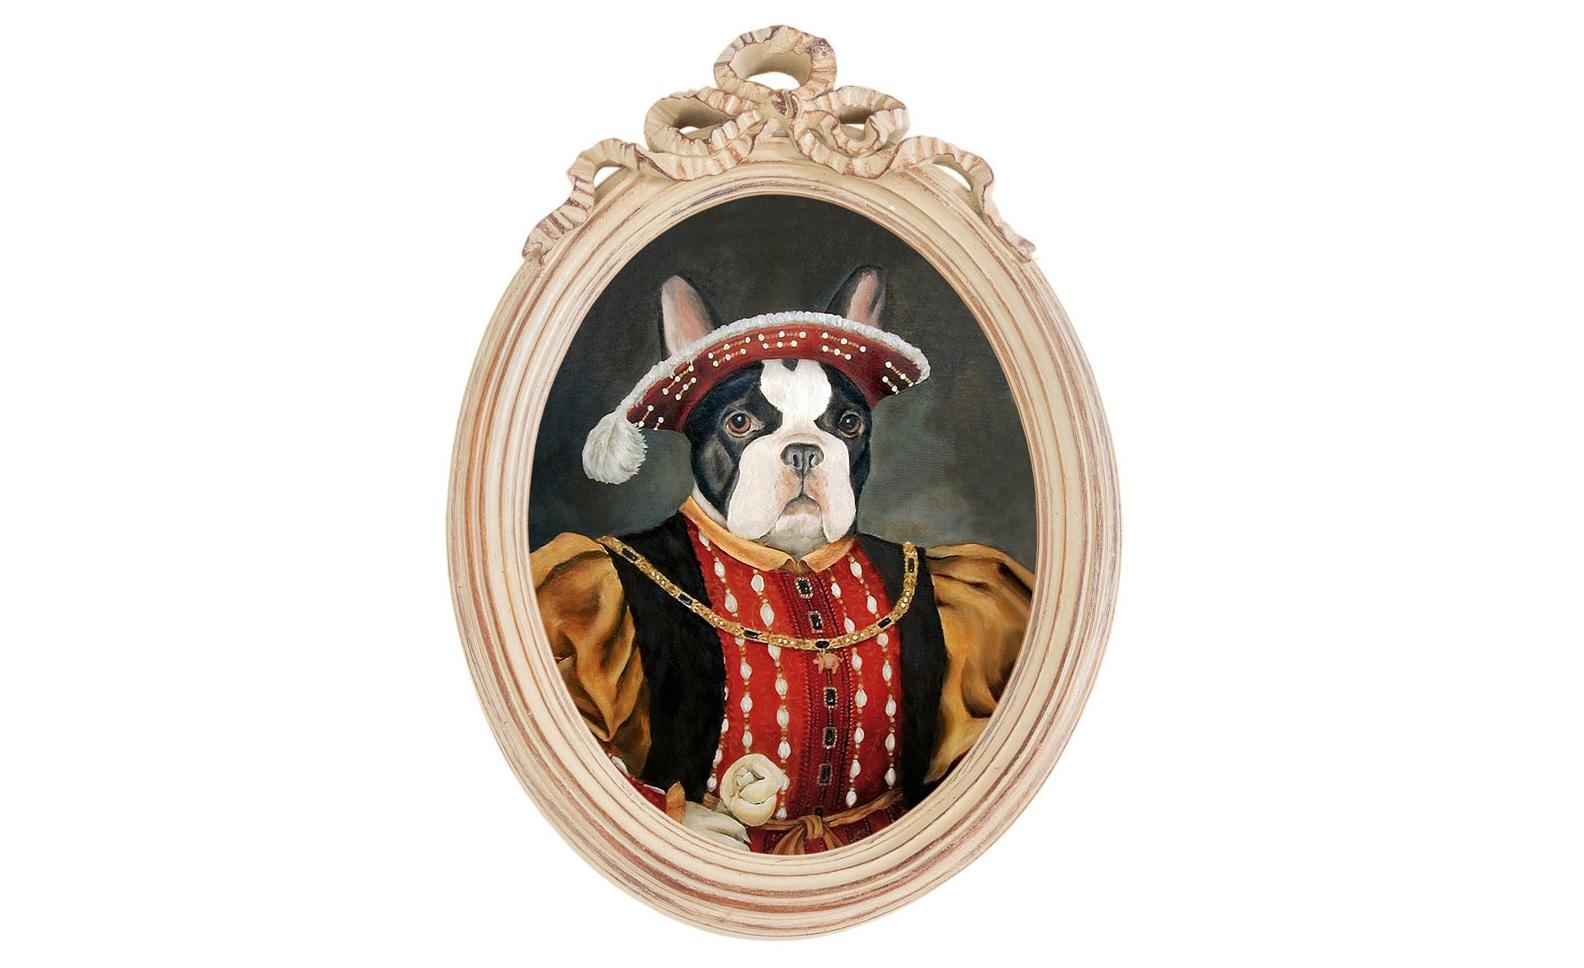 Репродукция гравюры Музейный экспонат, версия 45Картины<br>Прототипом персонажа &amp;quot;Музейный экспонат&amp;quot; (версия 45) послужил портрет Генриха VIII Тюдора - английского короля XVI века,  сына и наследника Генриха  VII (второго английского монарха из династии Тюдоров). Генрих VIII наиболее известен Английской Реформацией, превратившей англичан в протестантскую нацию. Король прославился также необычным для христианина числом браков, — у него было шесть жён. <br>Рама &amp;quot;Бернадетт&amp;quot; - счастливая встреча золотых столетий французской культуры.&amp;amp;nbsp;Искусная техника состаривания придает раме специфический уют и обаяние. Профессиональная печать на холсте детально передает каждое движение кисти художника. Удобное крепление рамы позволит без труда разместить её на стене.&amp;lt;div&amp;gt;&amp;lt;br&amp;gt;&amp;lt;/div&amp;gt;&amp;lt;div&amp;gt;Материал рамы - полистоун. Репродукция отпечатана на холсте.&amp;lt;/div&amp;gt;<br><br>Material: Холст<br>Width см: 30.5<br>Depth см: 4<br>Height см: 43